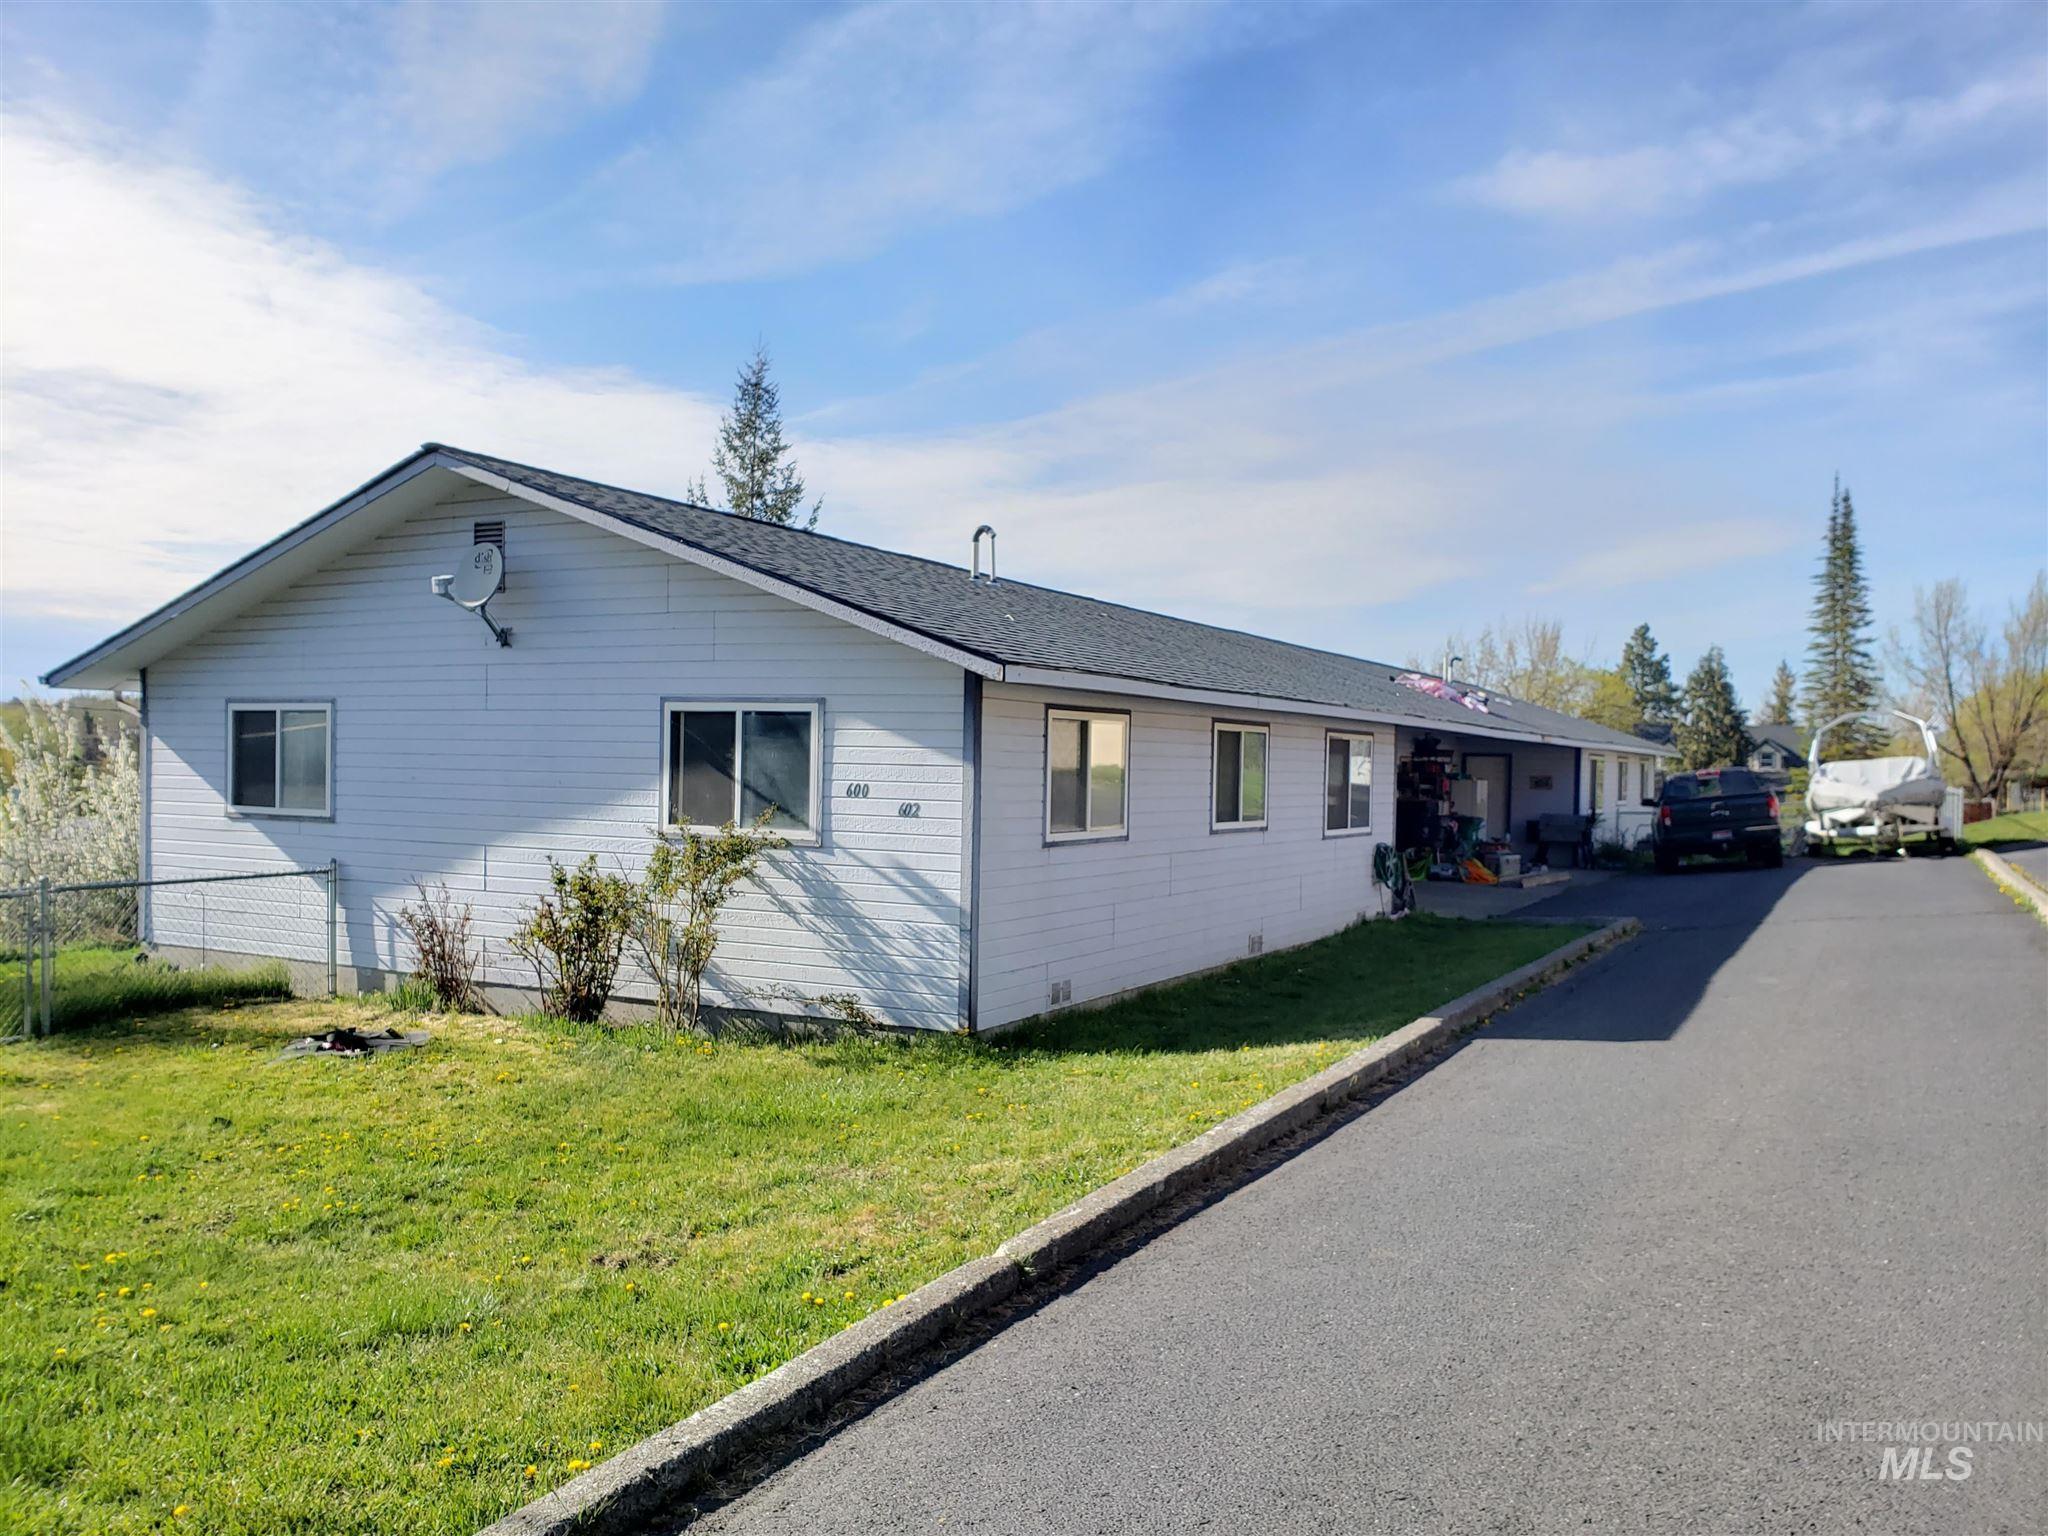 600/602 E E Property Photo